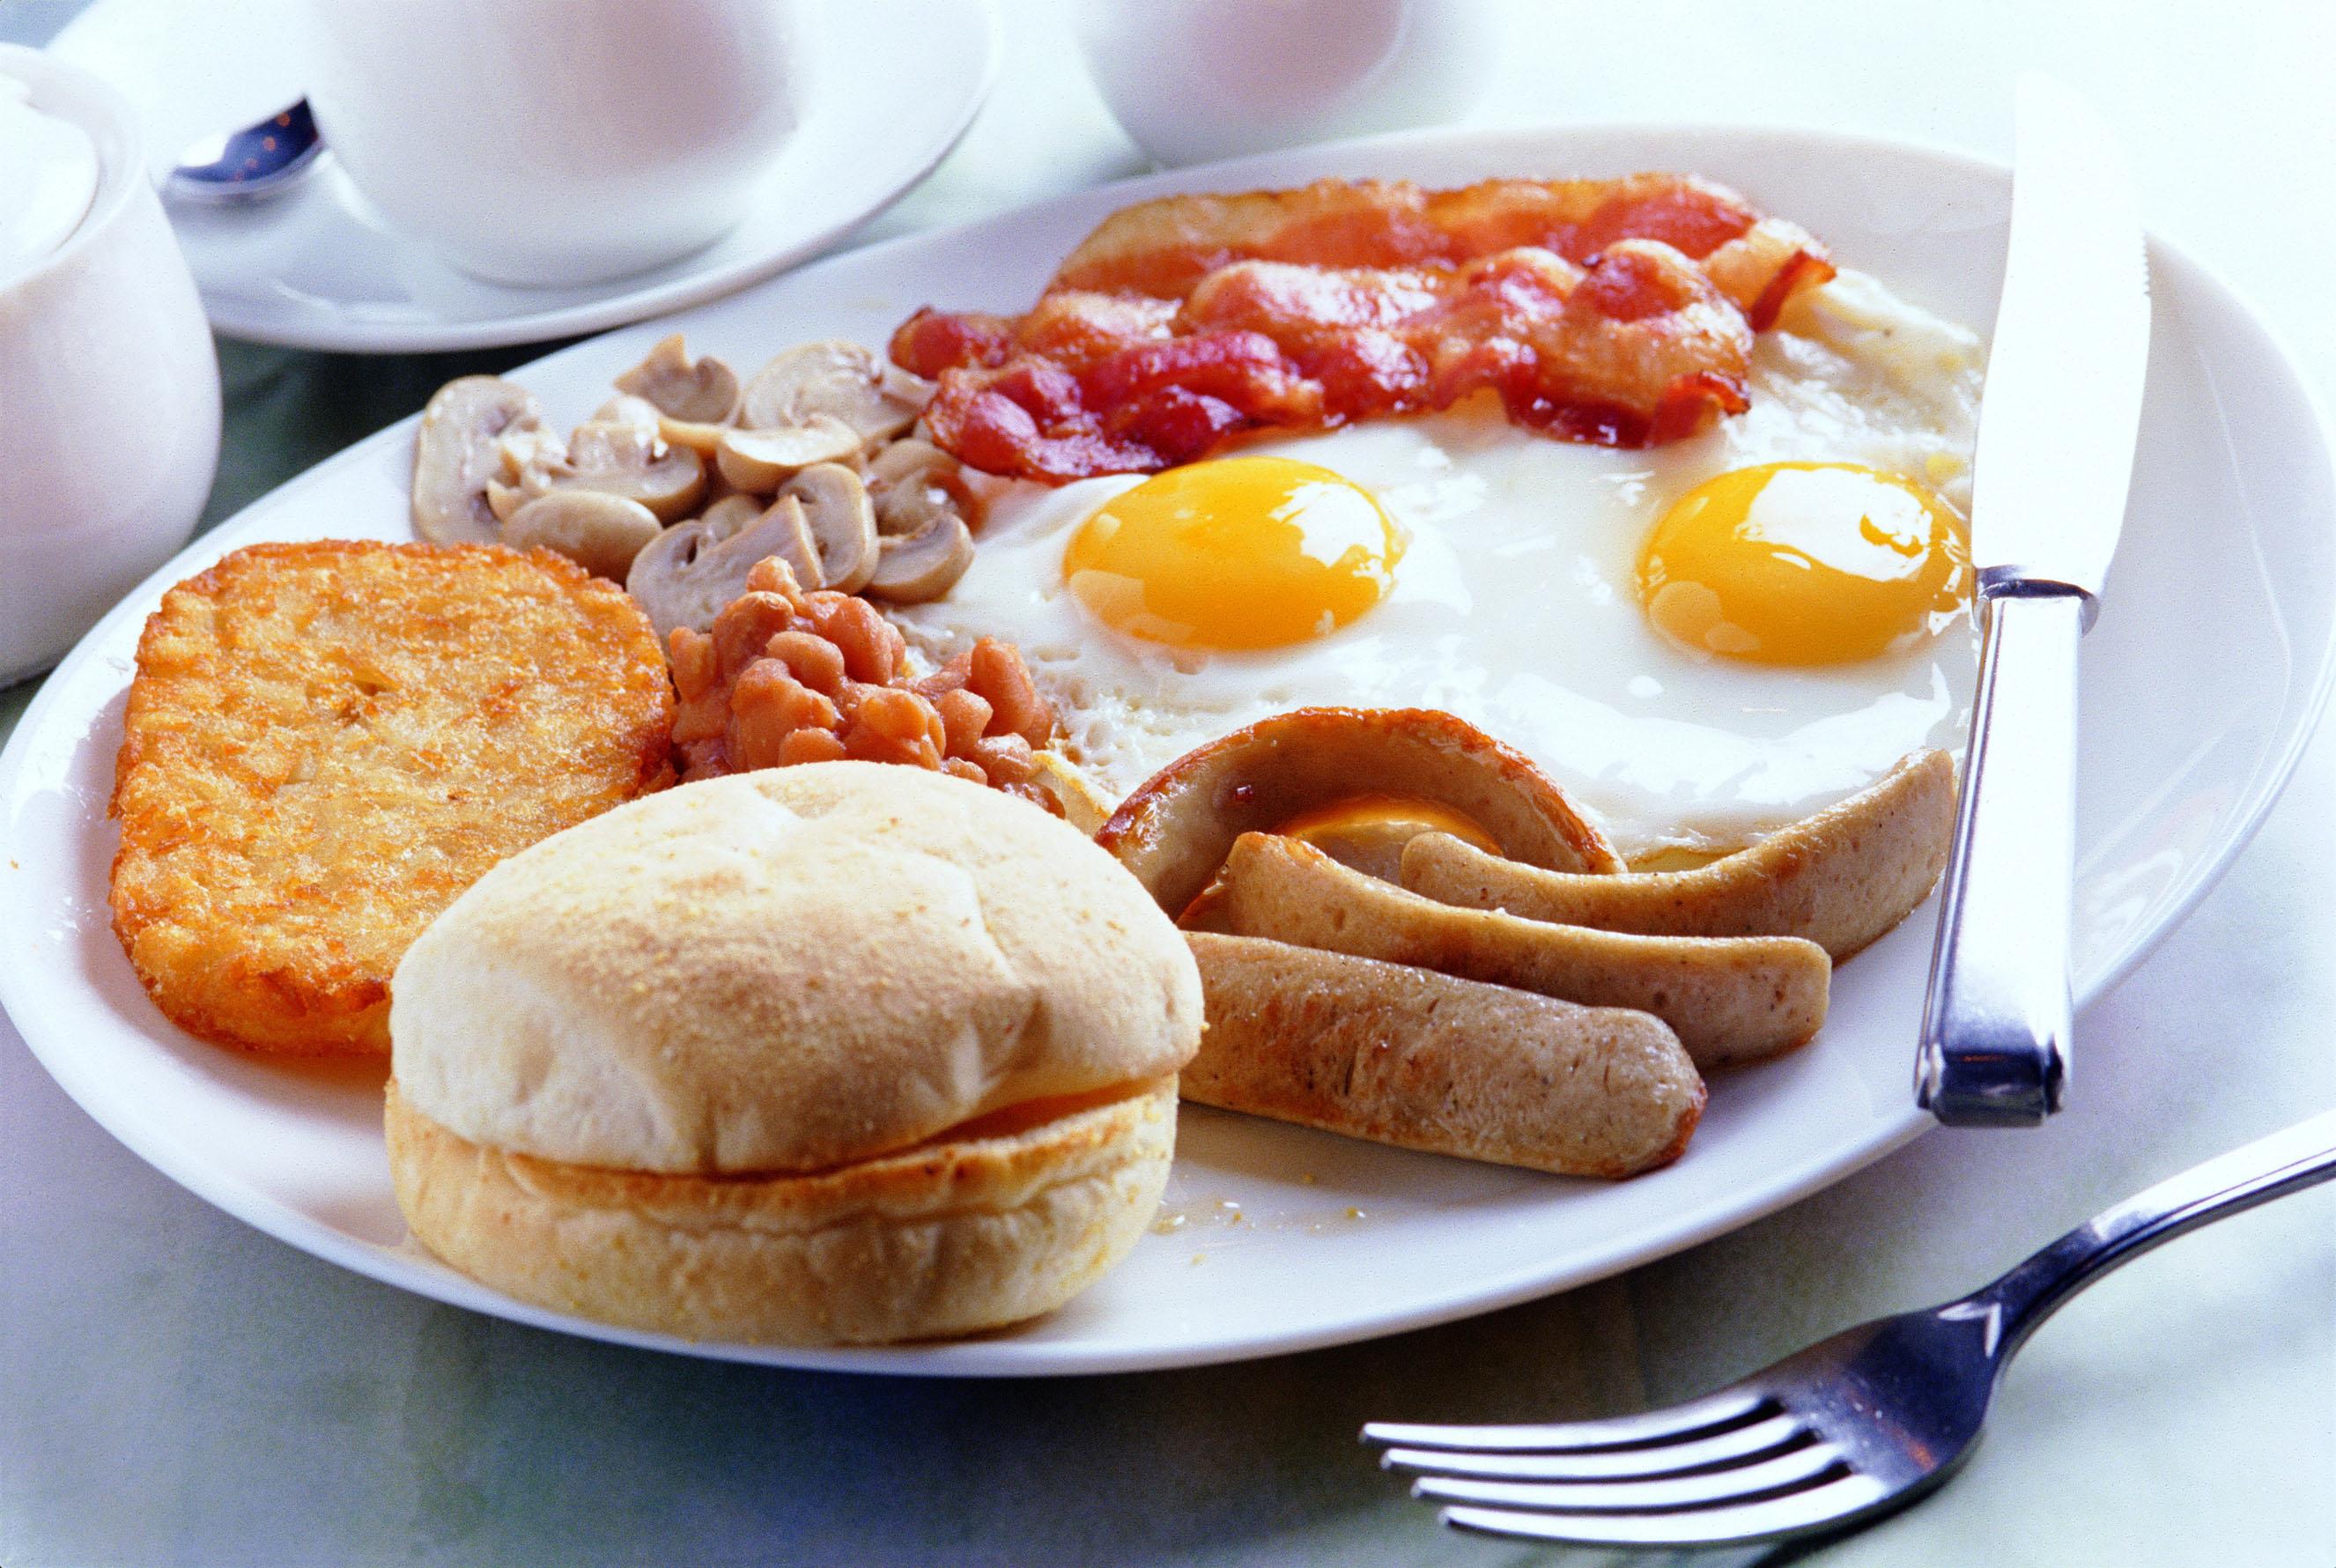 吃錯早餐血糖易失控!飲食3原則血糖不暴衝